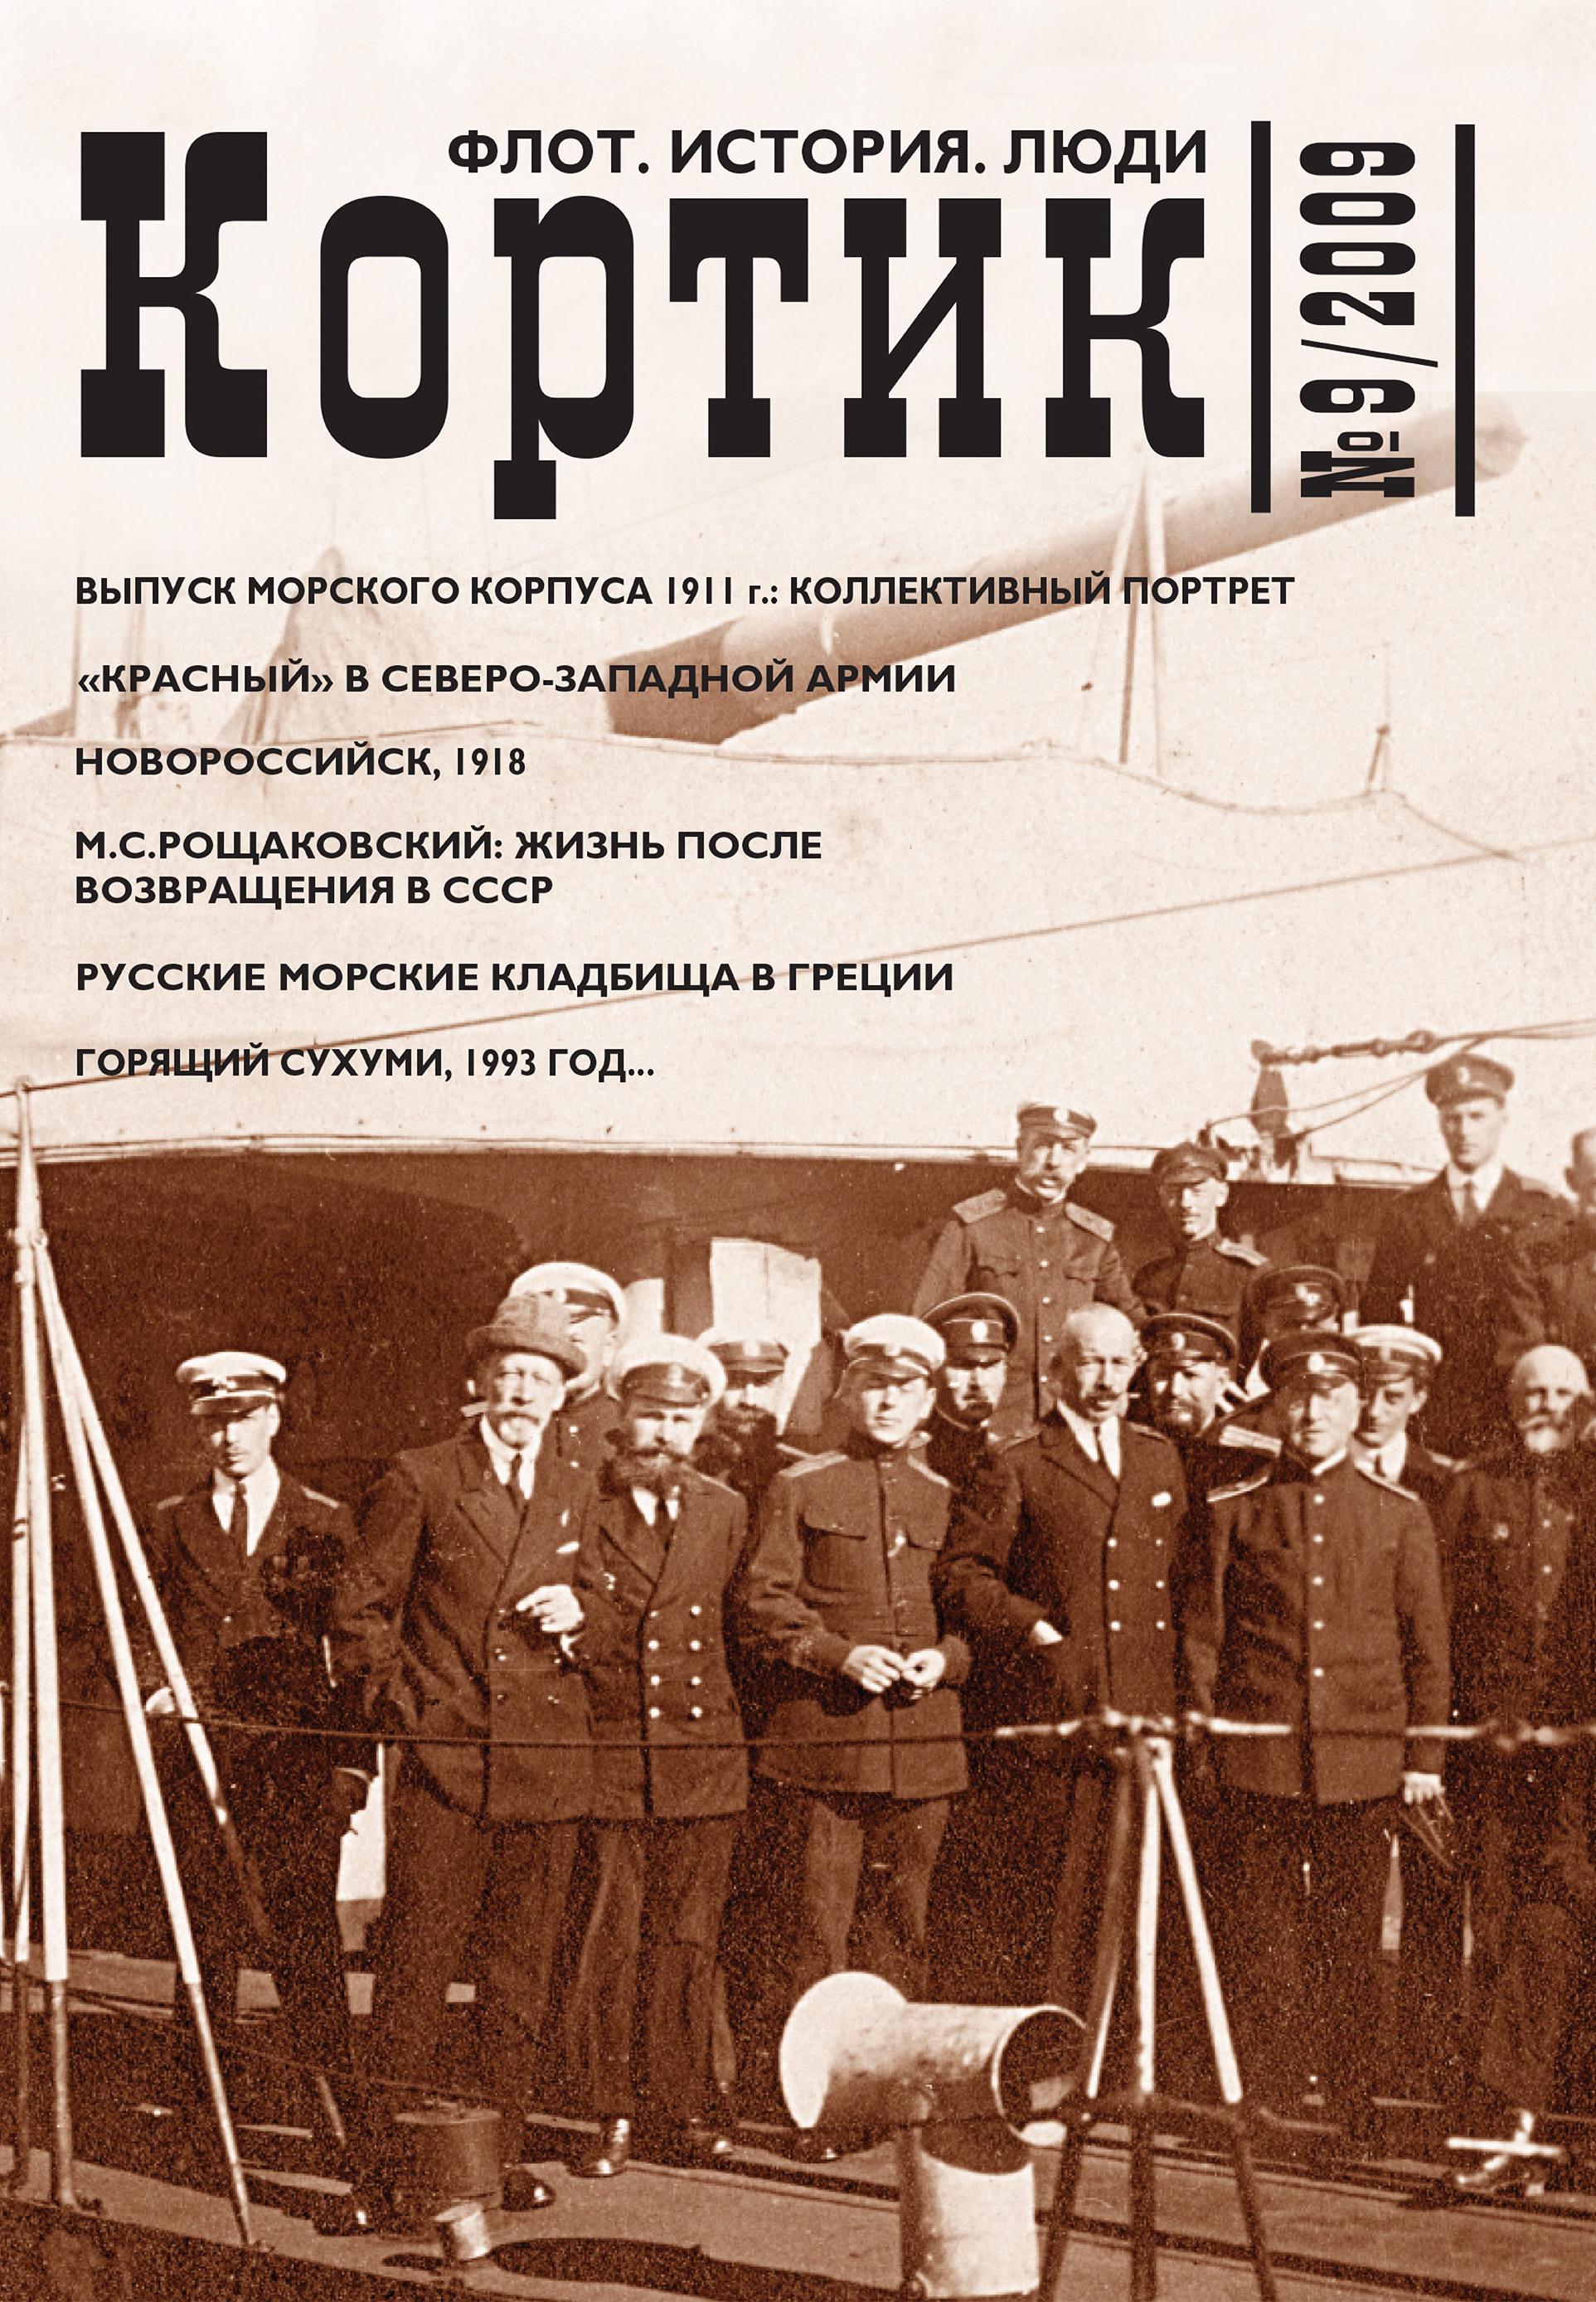 Кортик. Флот. История. Люди. № 9 / 2009 ( Коллектив авторов  )